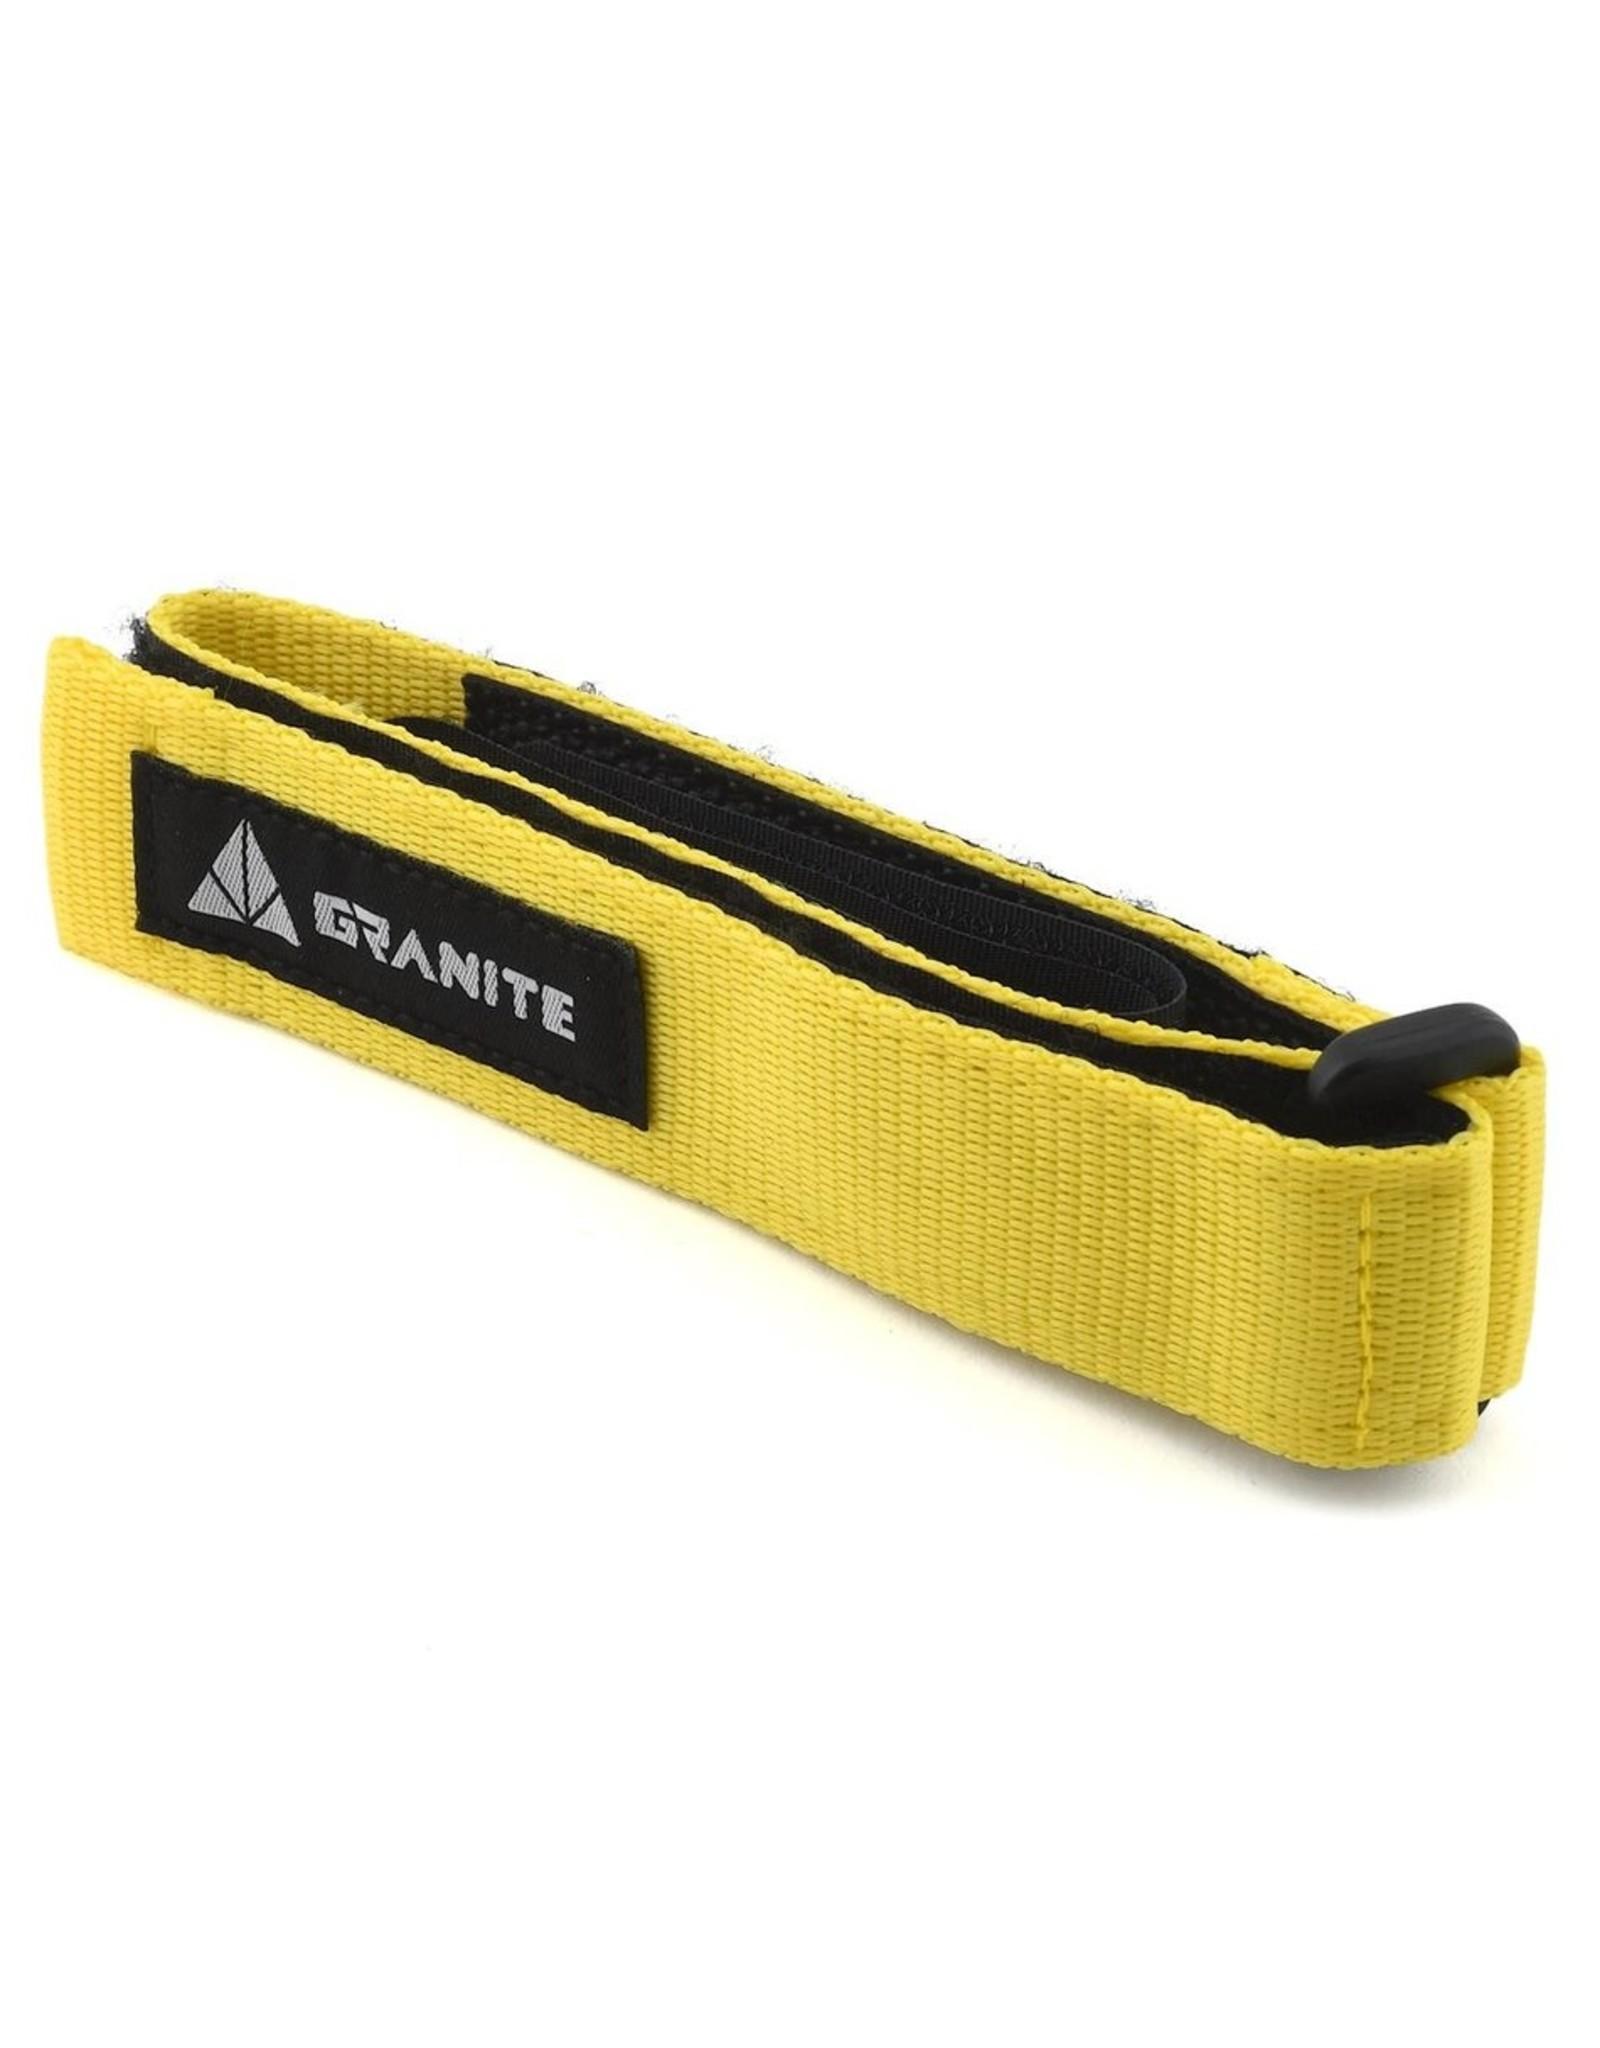 Granite-Design Rockband, Yellow